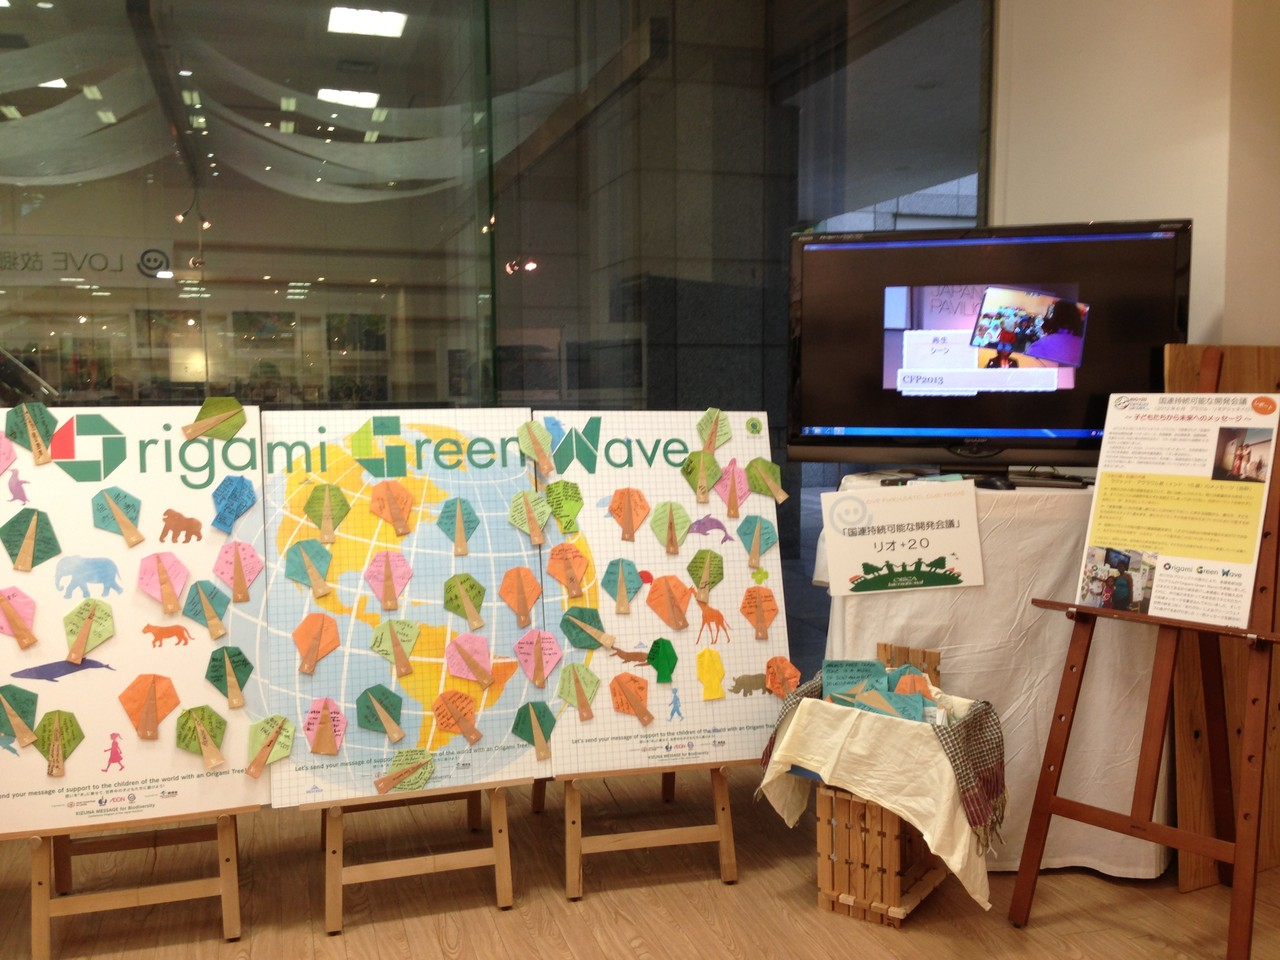 リオ+20のORIGAMI GREEN WAVE。インドのラジャット君のメッセージも展示